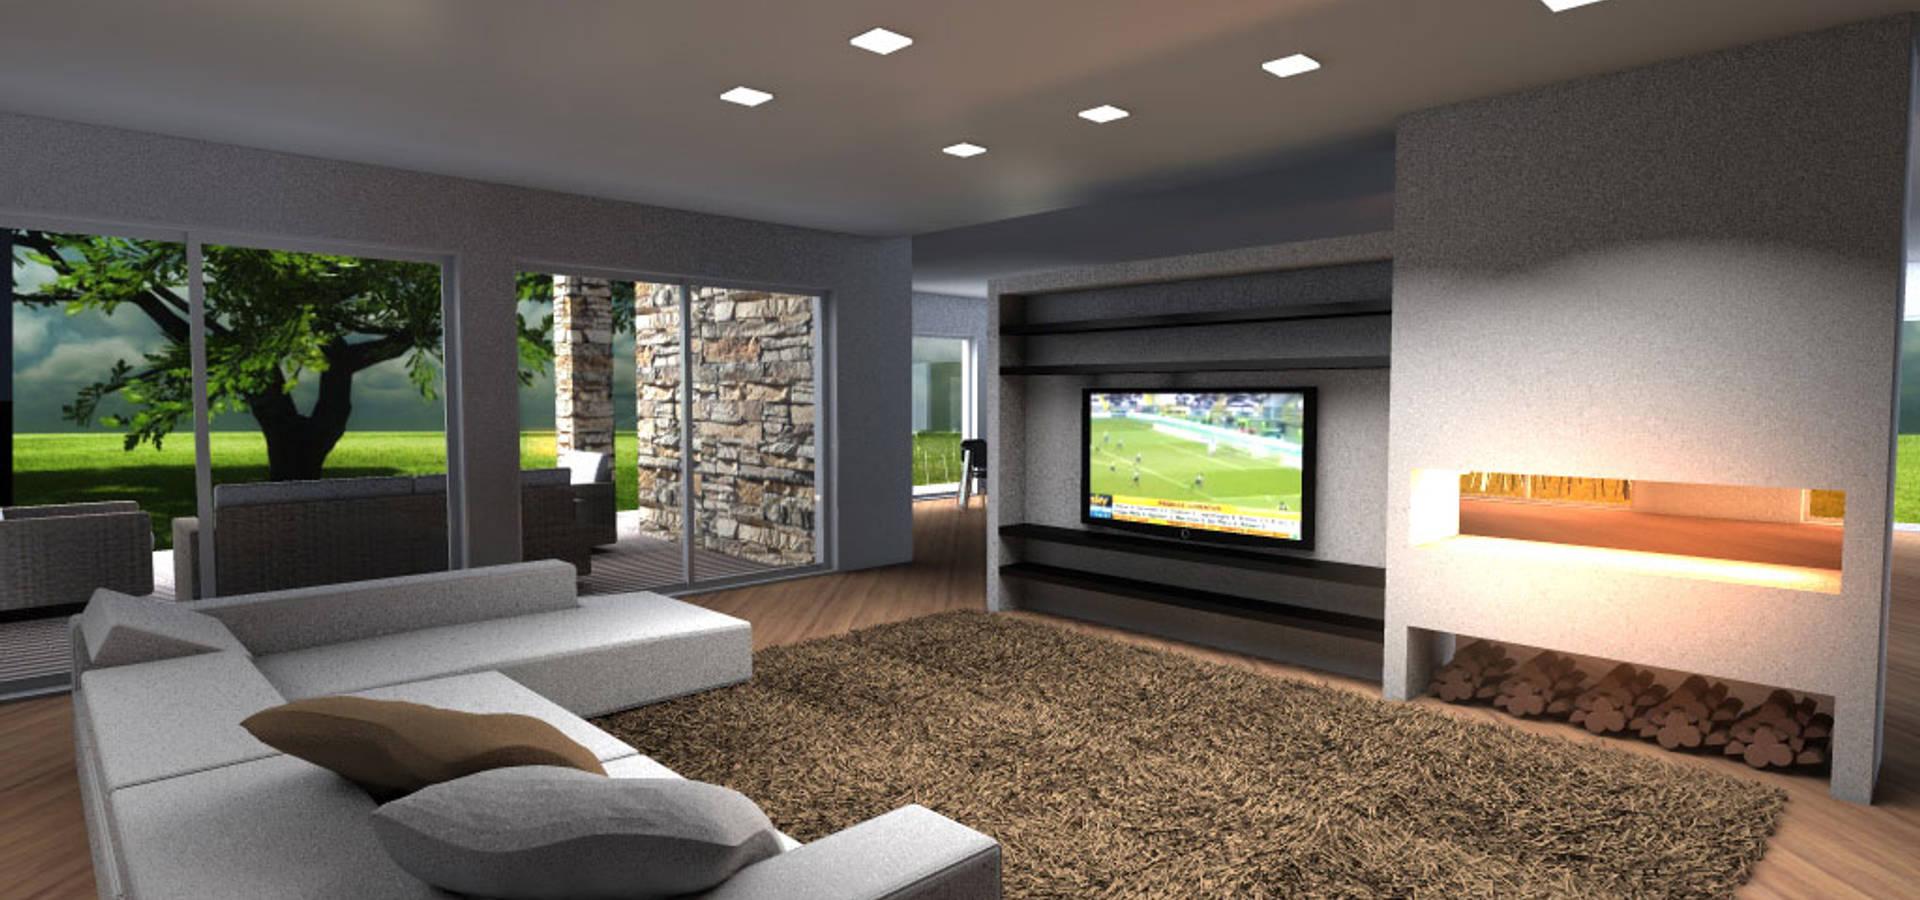 architettiamo progetti on line - Living Moderno